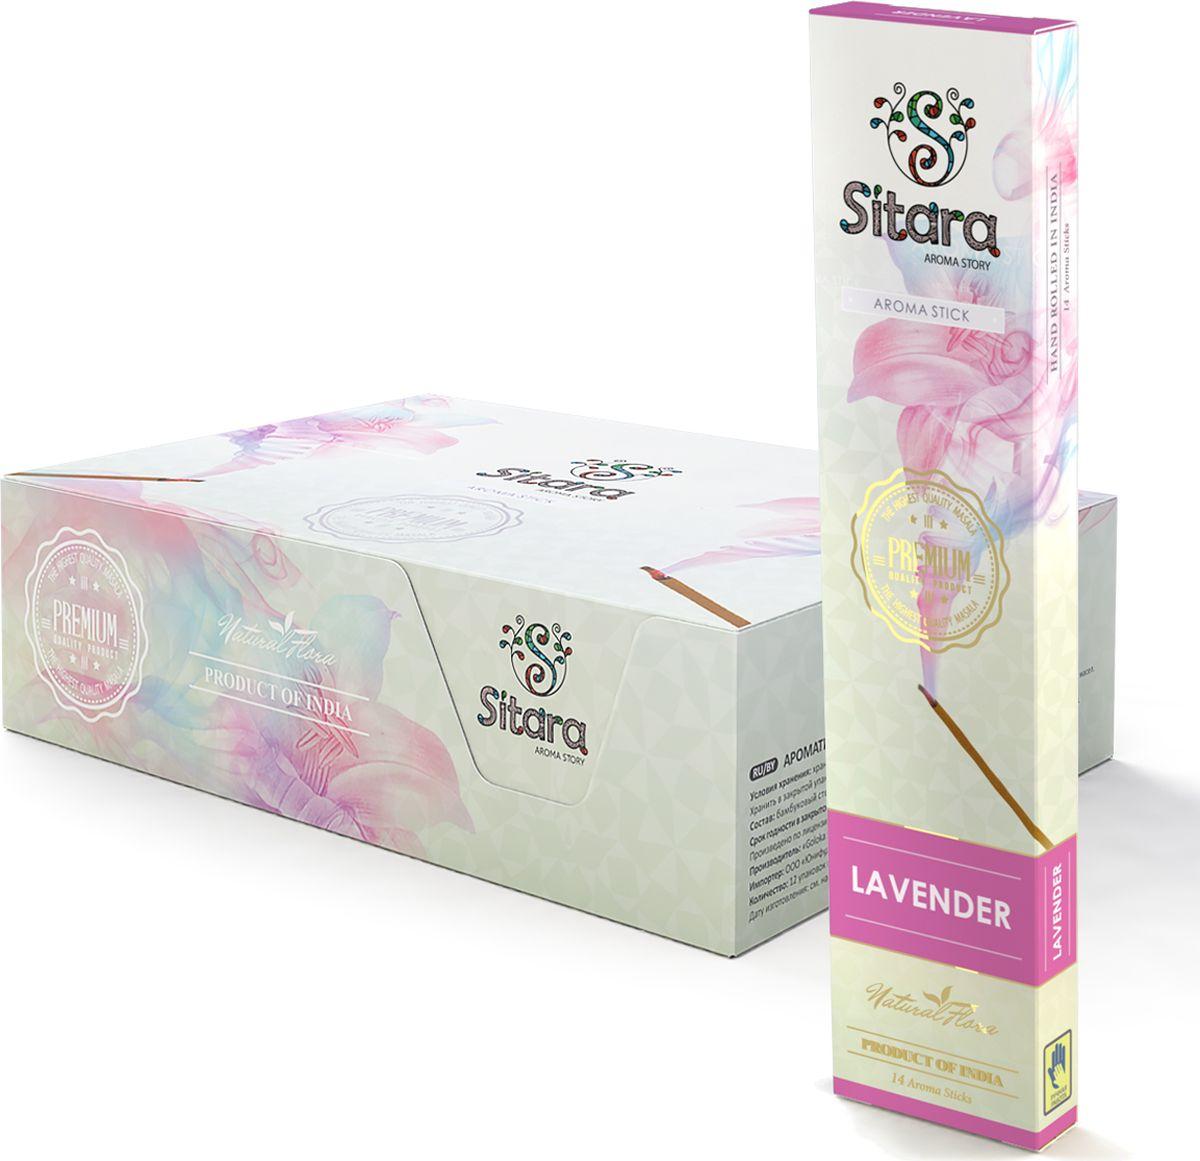 Ароматические палочки Sitara Premium Lavender, 14 палочек10319Обзор:Лаванда - аромат умиротворения, мгновенно снимет усталость и тревогу, восстановит силы. Идеально подходит для глубокой медитации. Способ применения:Поджечь сторону, противоположную бамбуковому основанию. Через несколько секунд после возгорания задуть пламя. Поставить ароматическую палочку в подставку, соблюдая необходимые меры пожарной безопасности.Состав:Бамбуковый стержень (Bamboo rod), натуральный мед (Honey), смола и пудра сандалового дерева (Resin and sandalwood powder), натуральная эссенция эфирных масел (Essential oils)С осторожностью: Людям страдающими заболеваниями дыхательных путей, аллергическими реакциями, при беременности.В блоке 12 пачек.